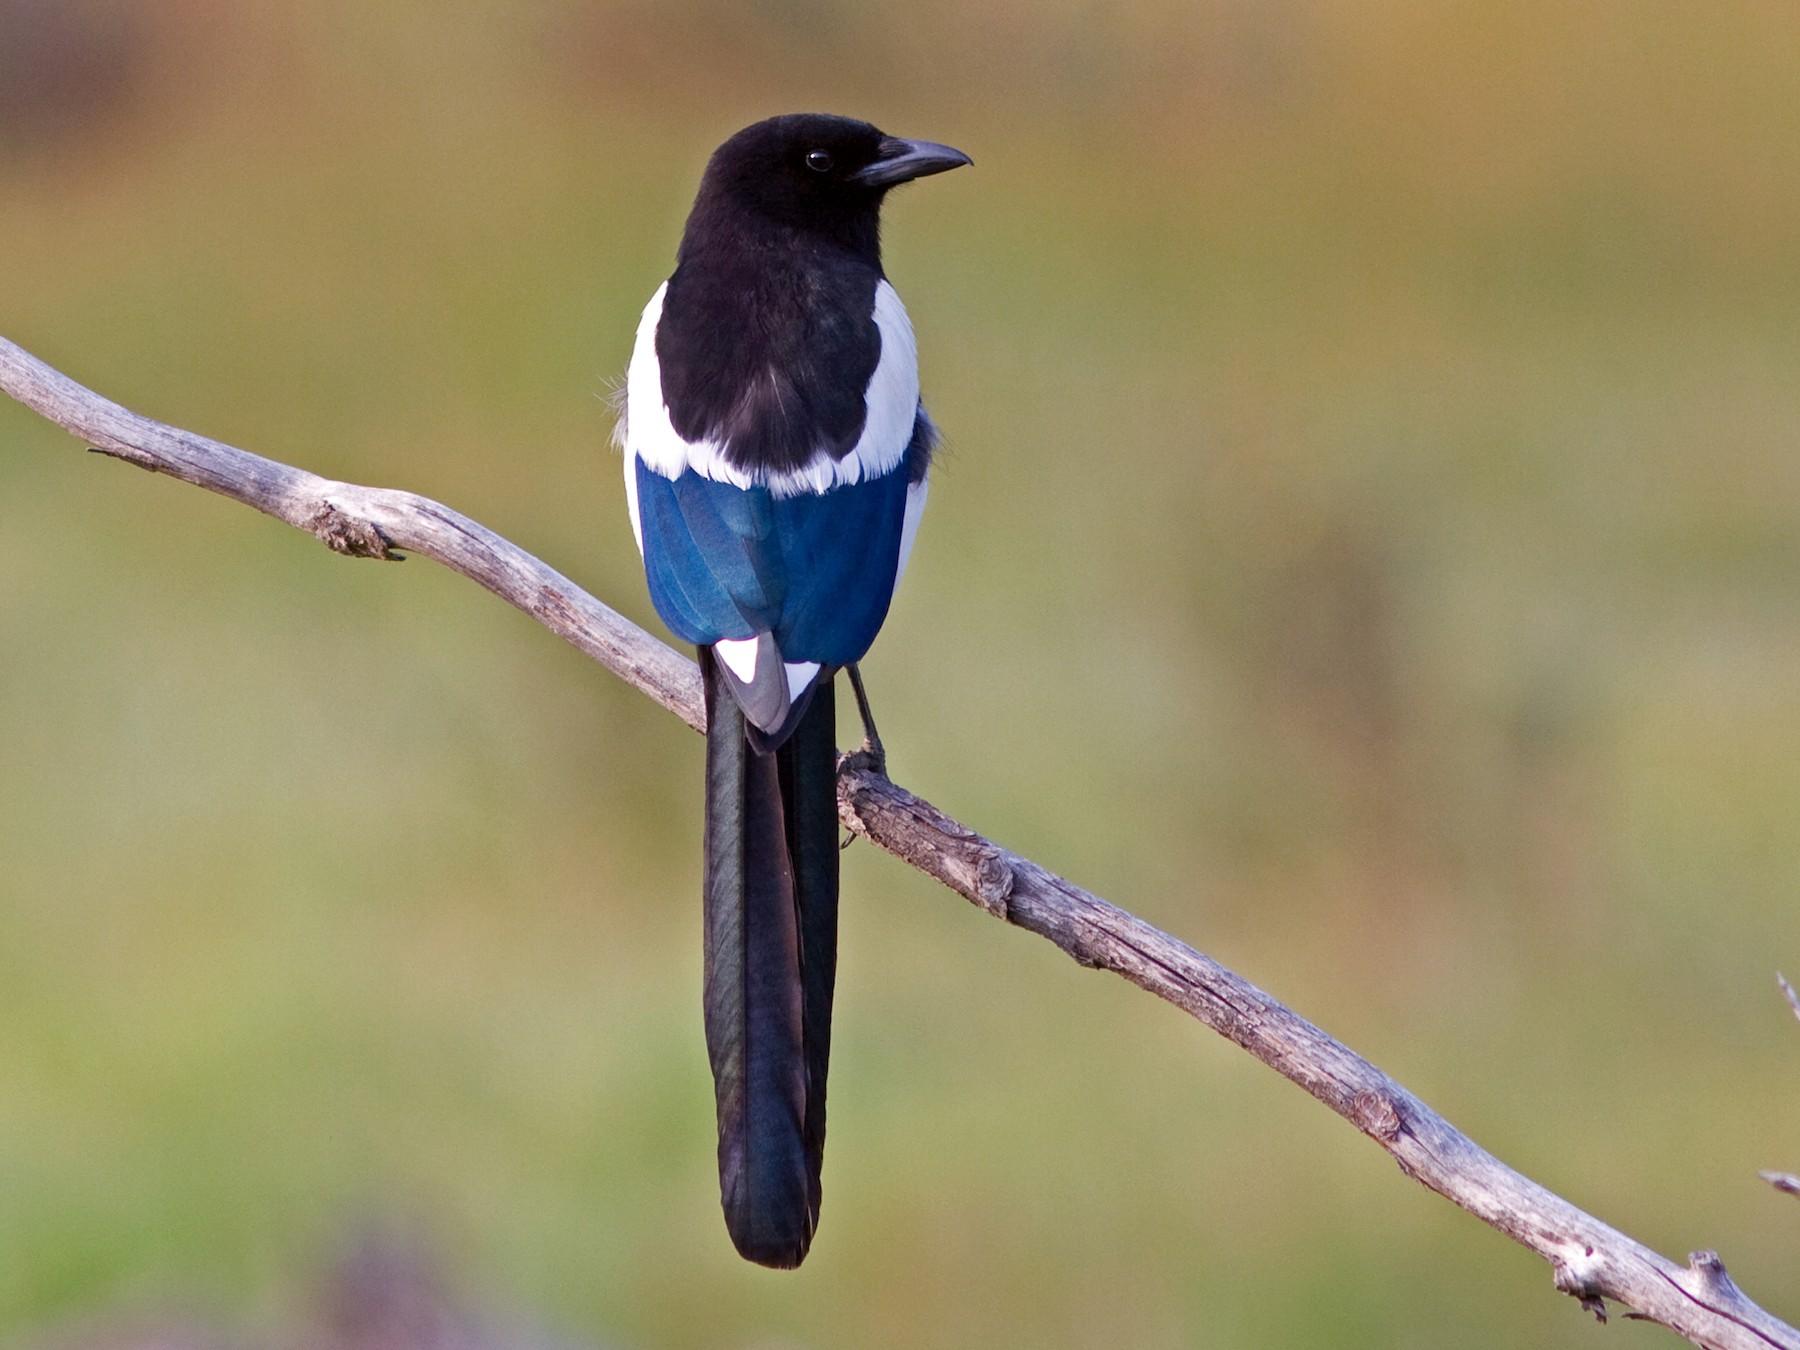 Black-billed Magpie - David Disher